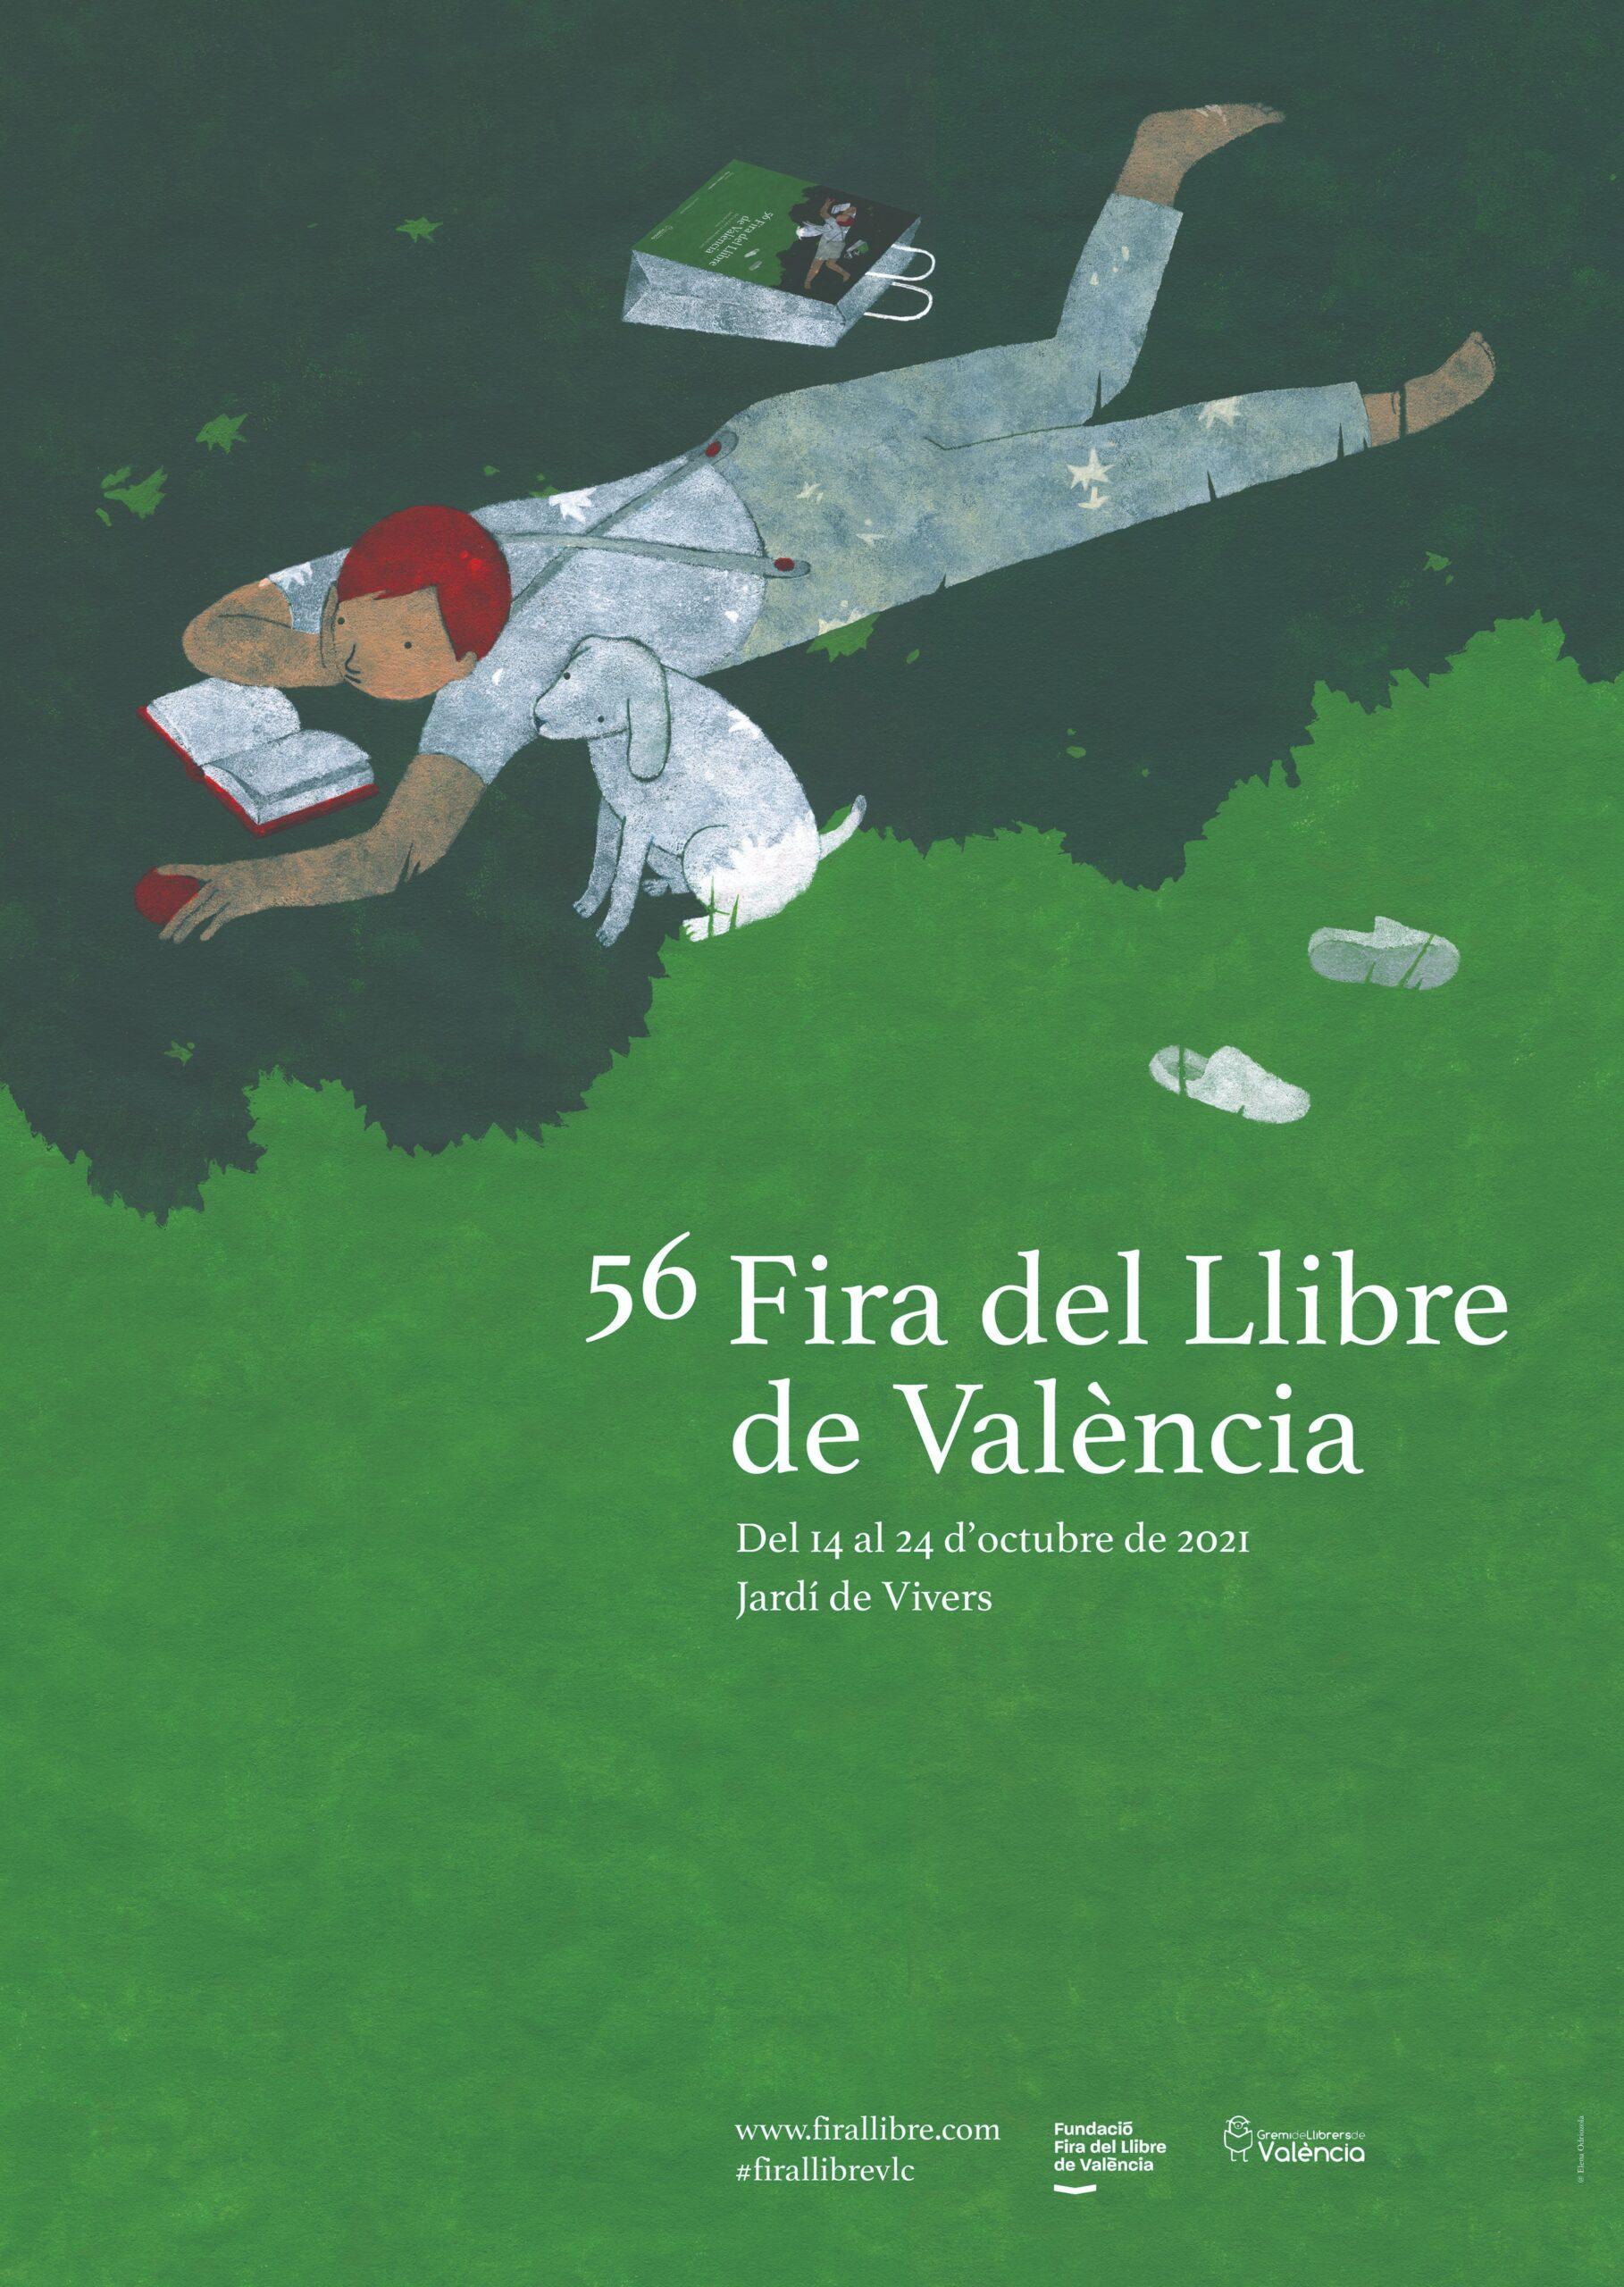 LA 56 FIRA DEL LLIBRE DE VALÈNCIA SE CELEBRARÁ DEL 14 AL 24 DE OCTUBRE DE 2021 - Fira Llibre de València